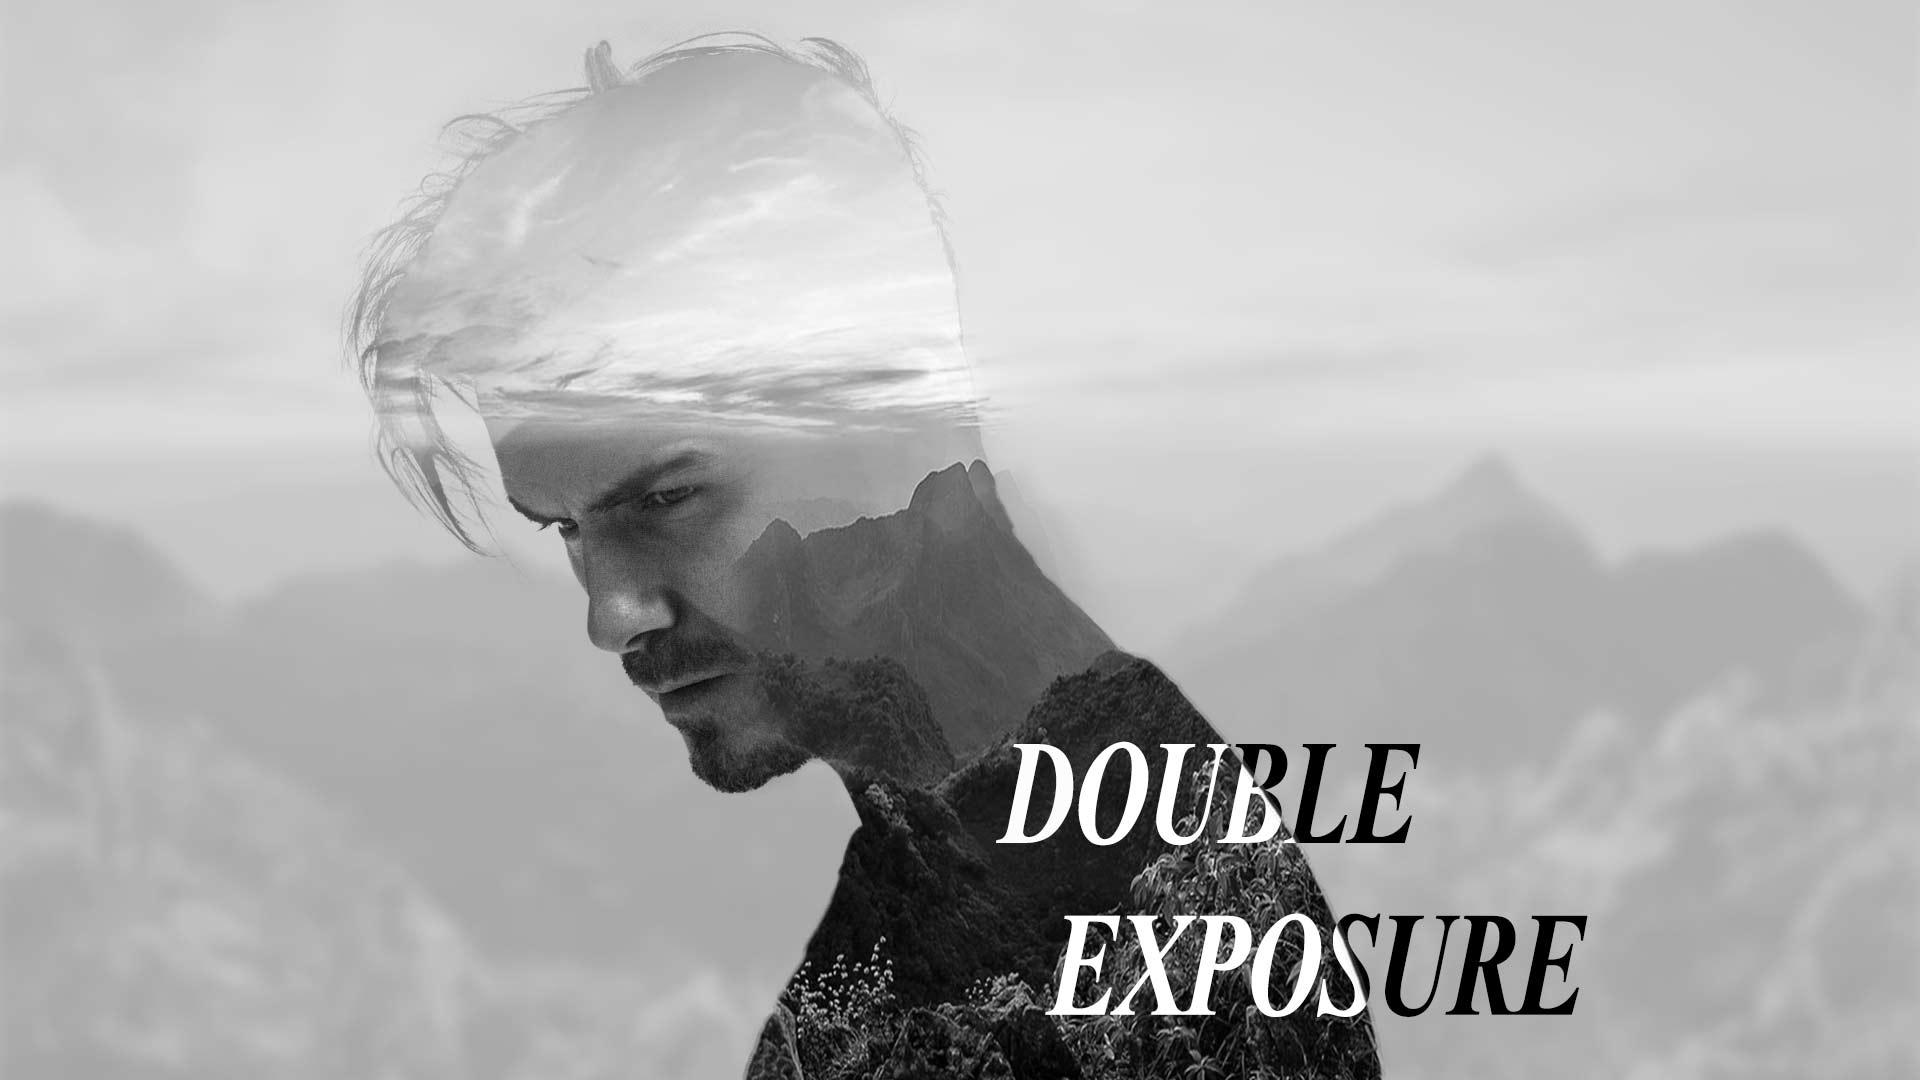 نمونه تصویر ساخته شده از Double Exposure